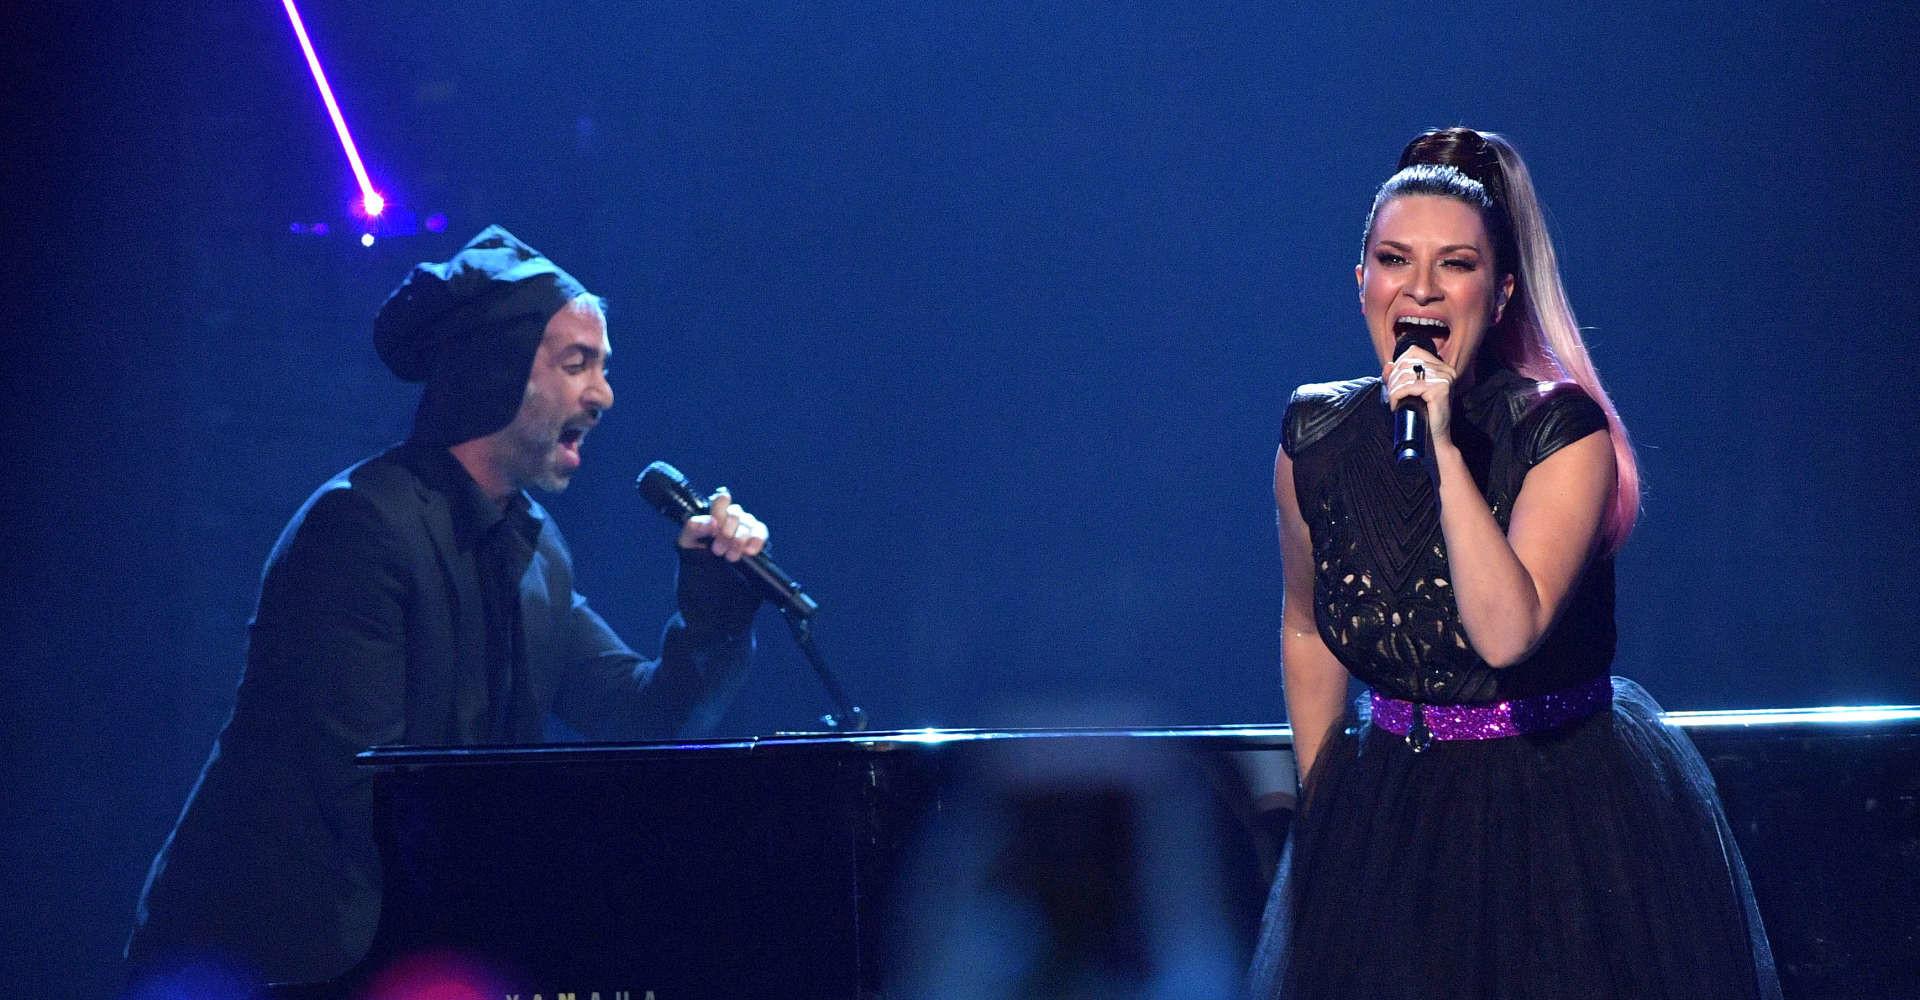 A chi si rivolgeva Laura Pausini con quella parolaccia sul palco?